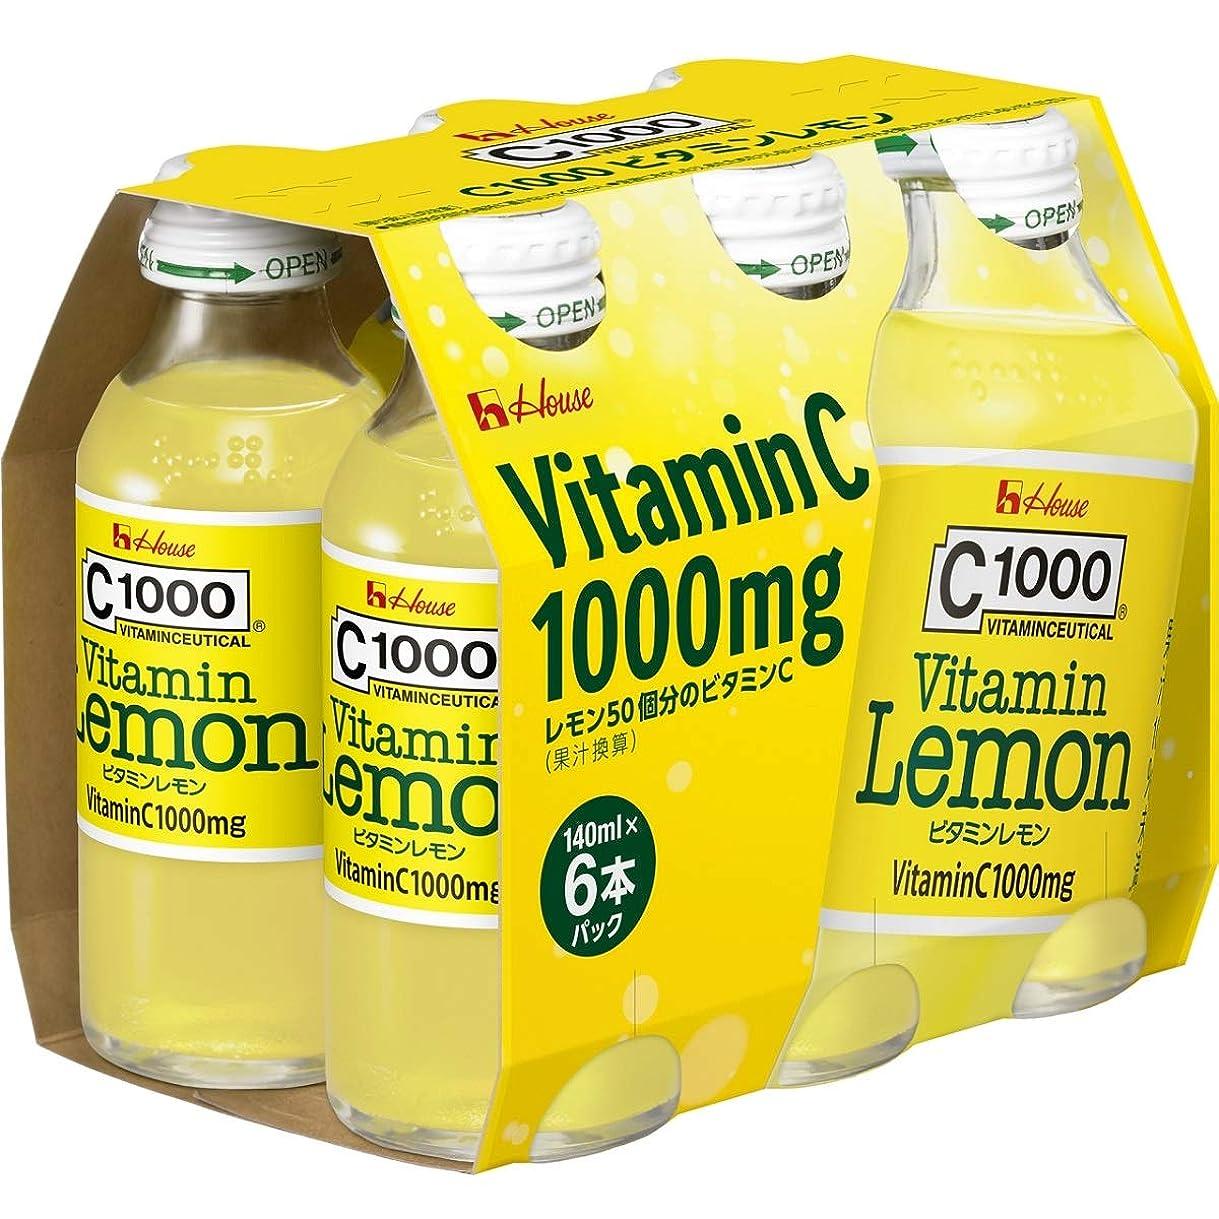 受粉者主観的インレイハウスウェルネスフーズ C1000 ビタミンレモン 6本パック(140g×6)